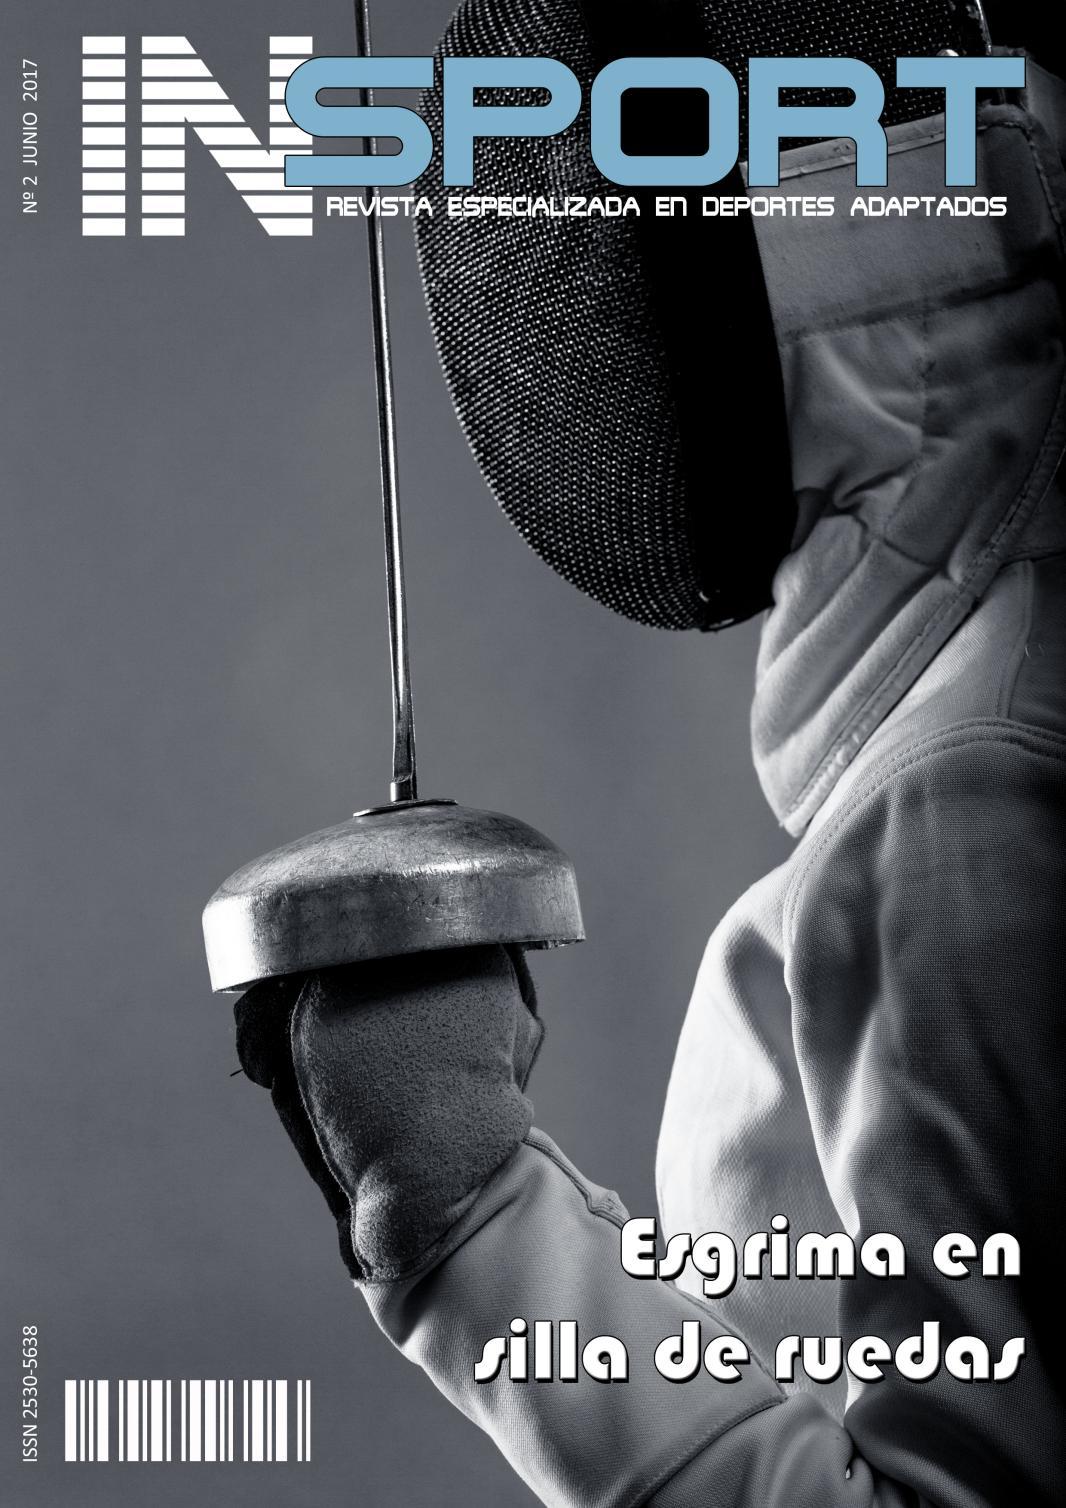 Foto: Revista INSPORT